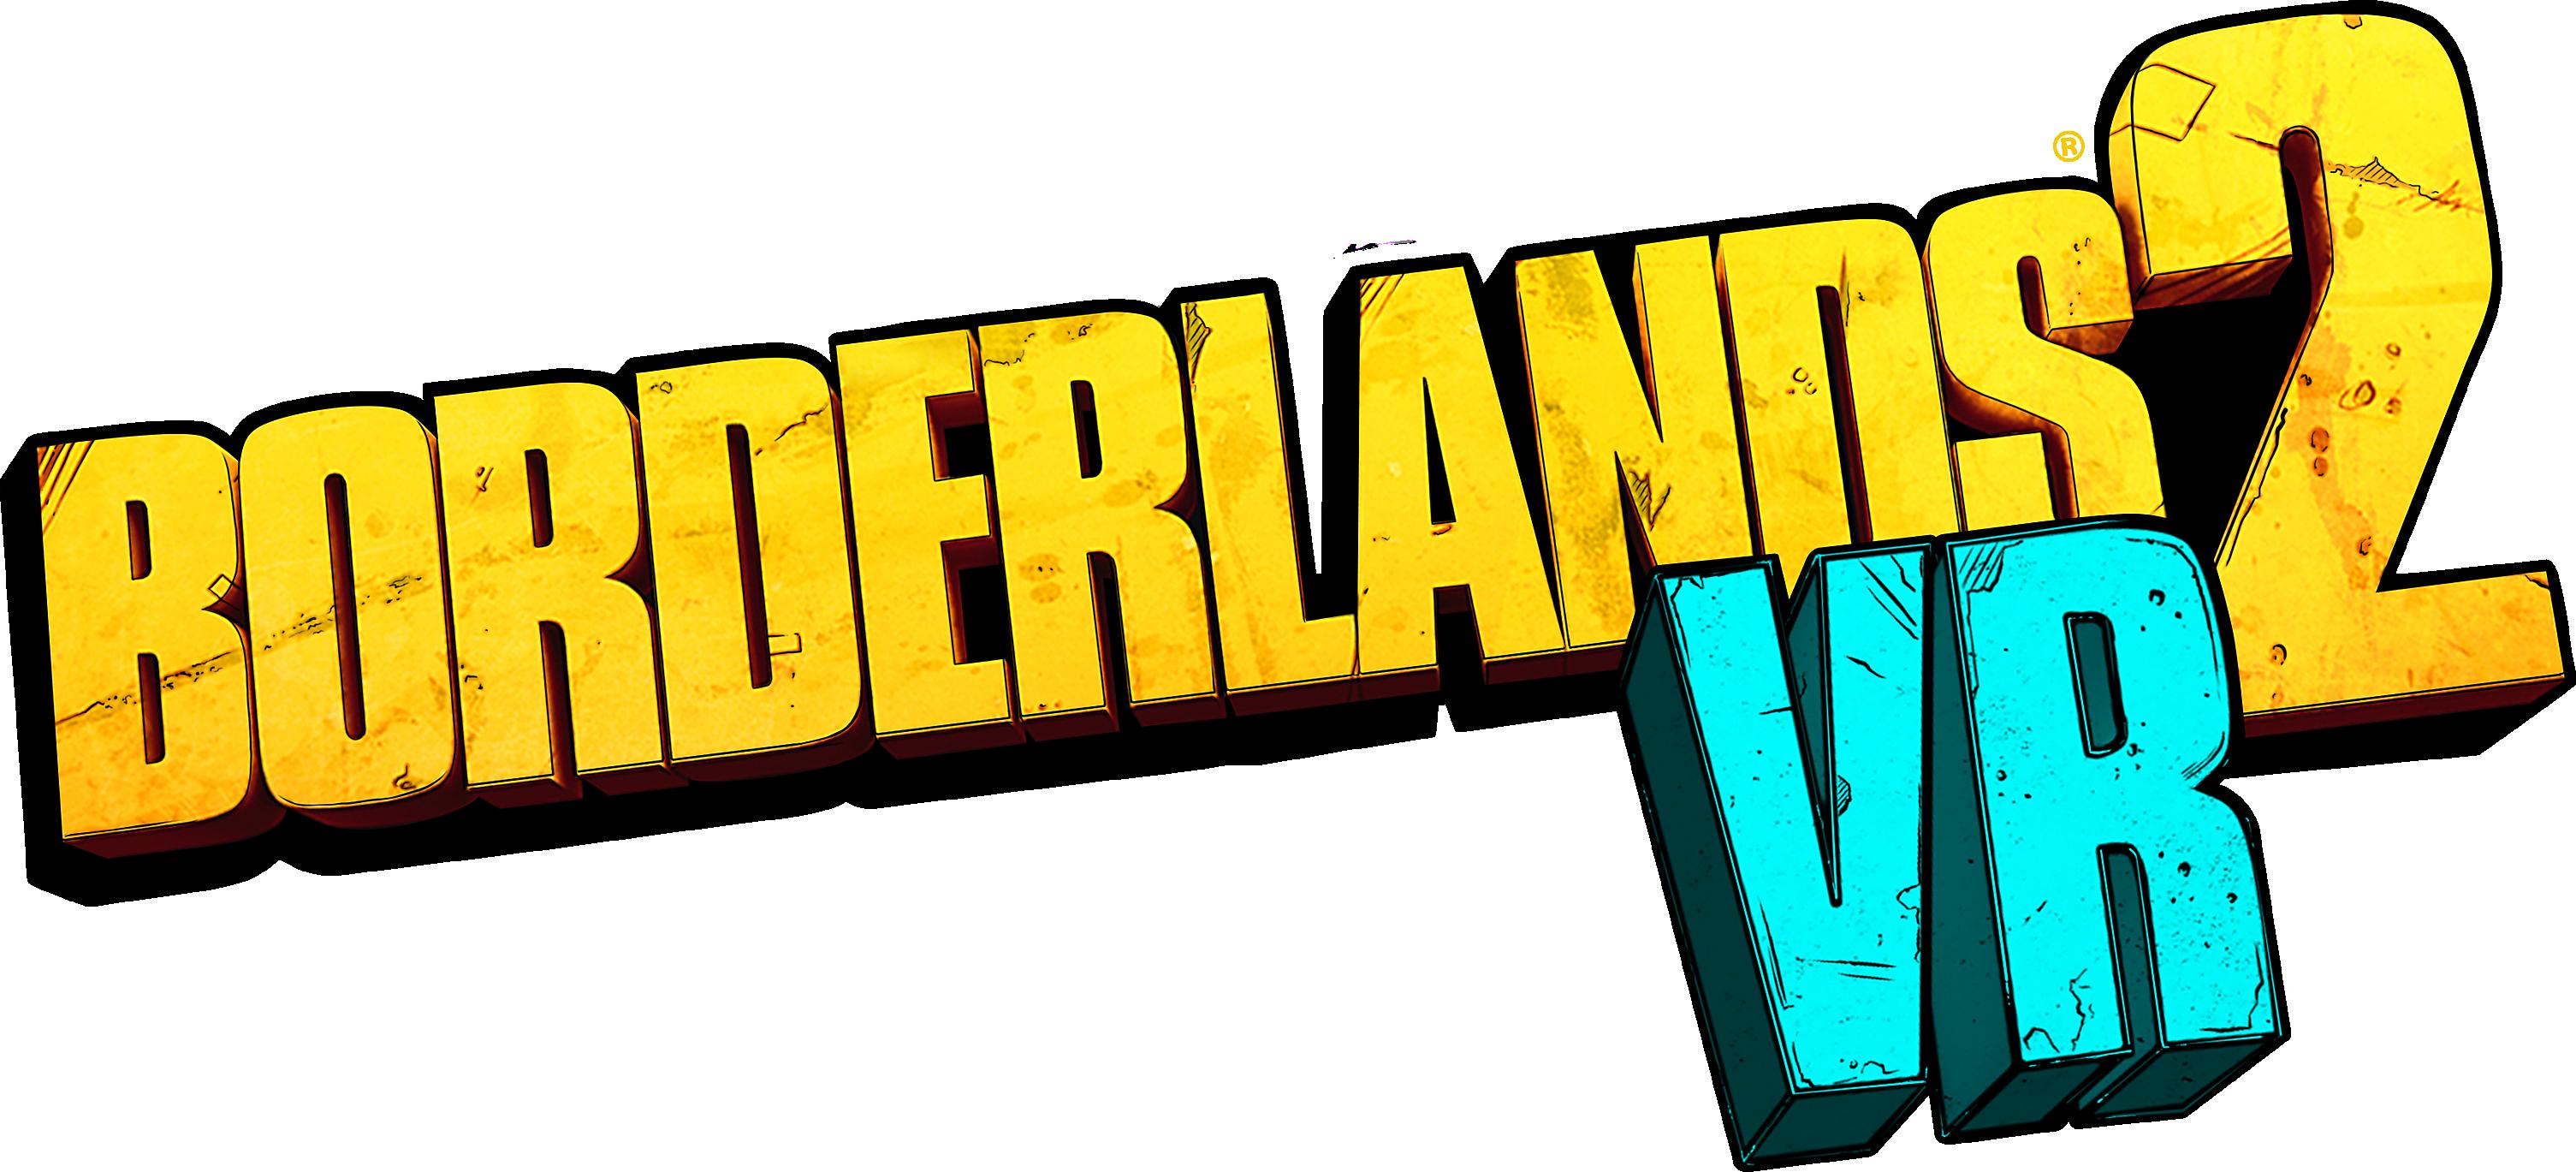 Borderlands 2 VR Game.